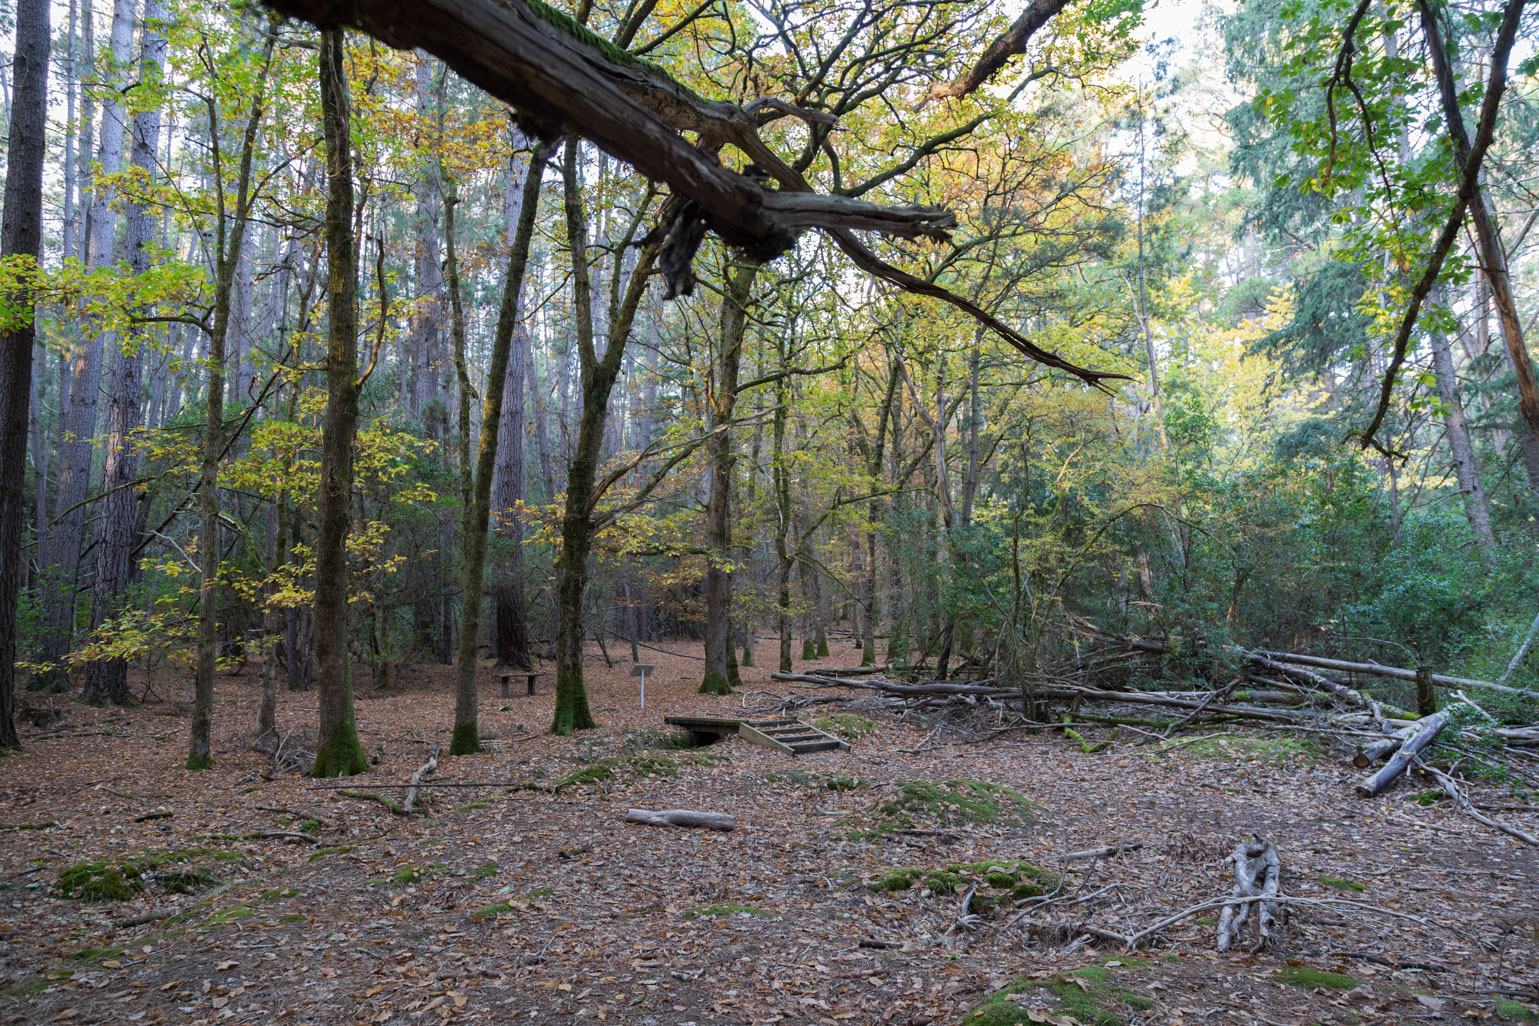 la-gerche-forest-walk-creswick